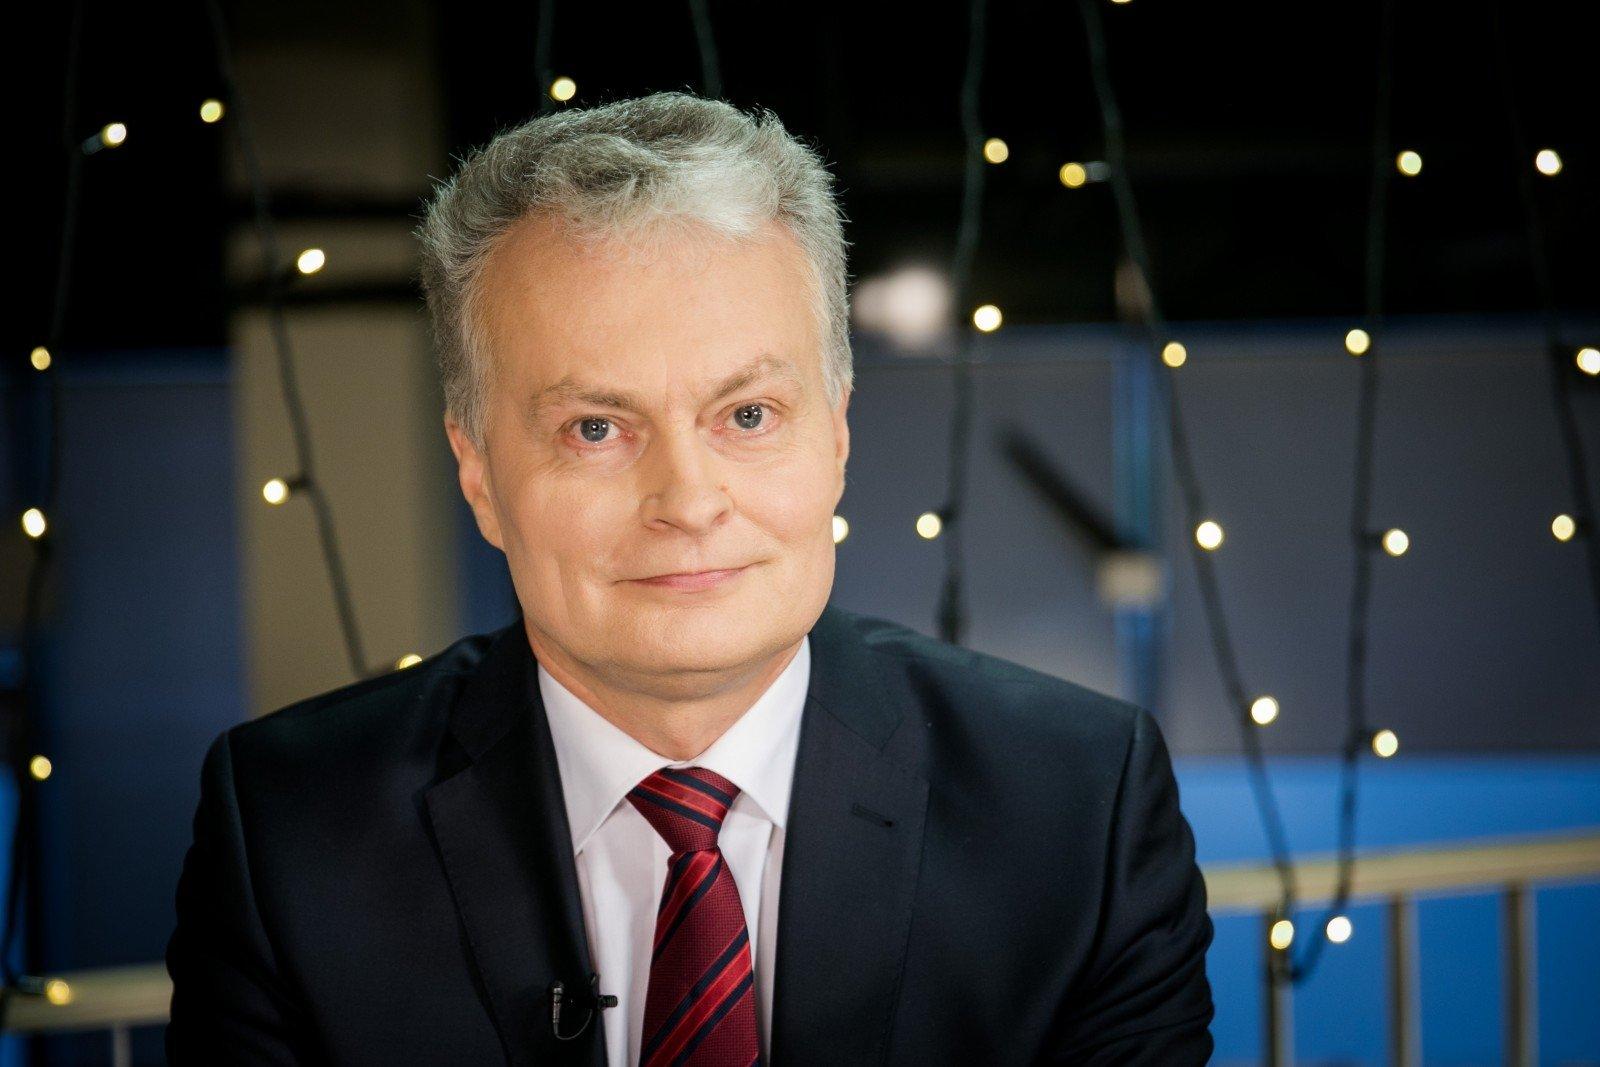 Касым-Жомарт Токаев поздравил Гитанаса Науседу с избранием на пост Президента Литвы